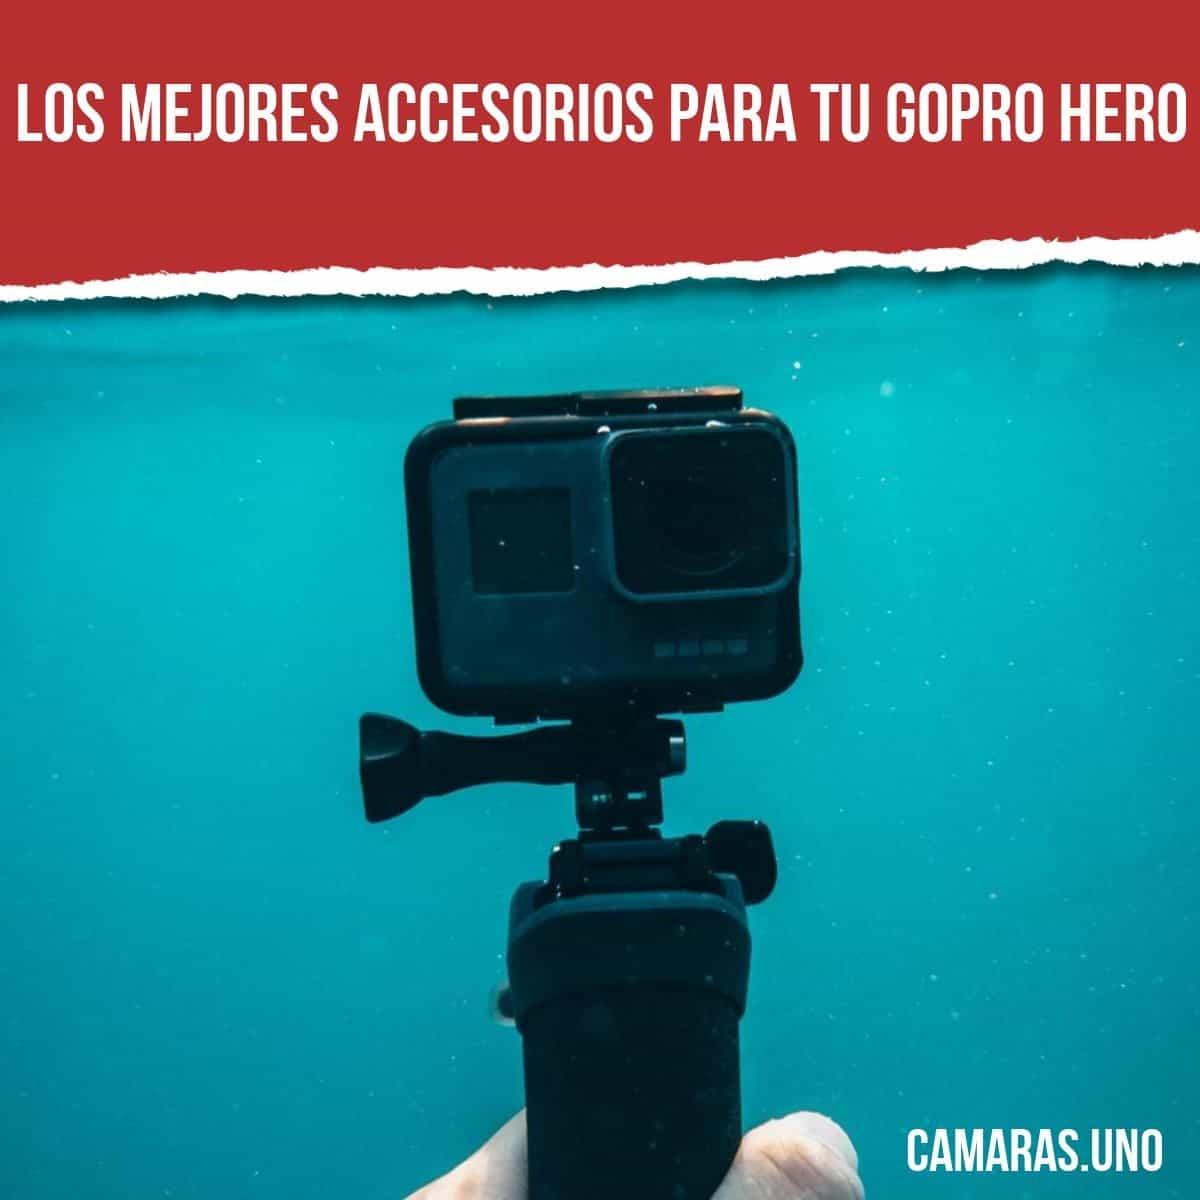 Los mejores accesorios para tu GoPro HERO